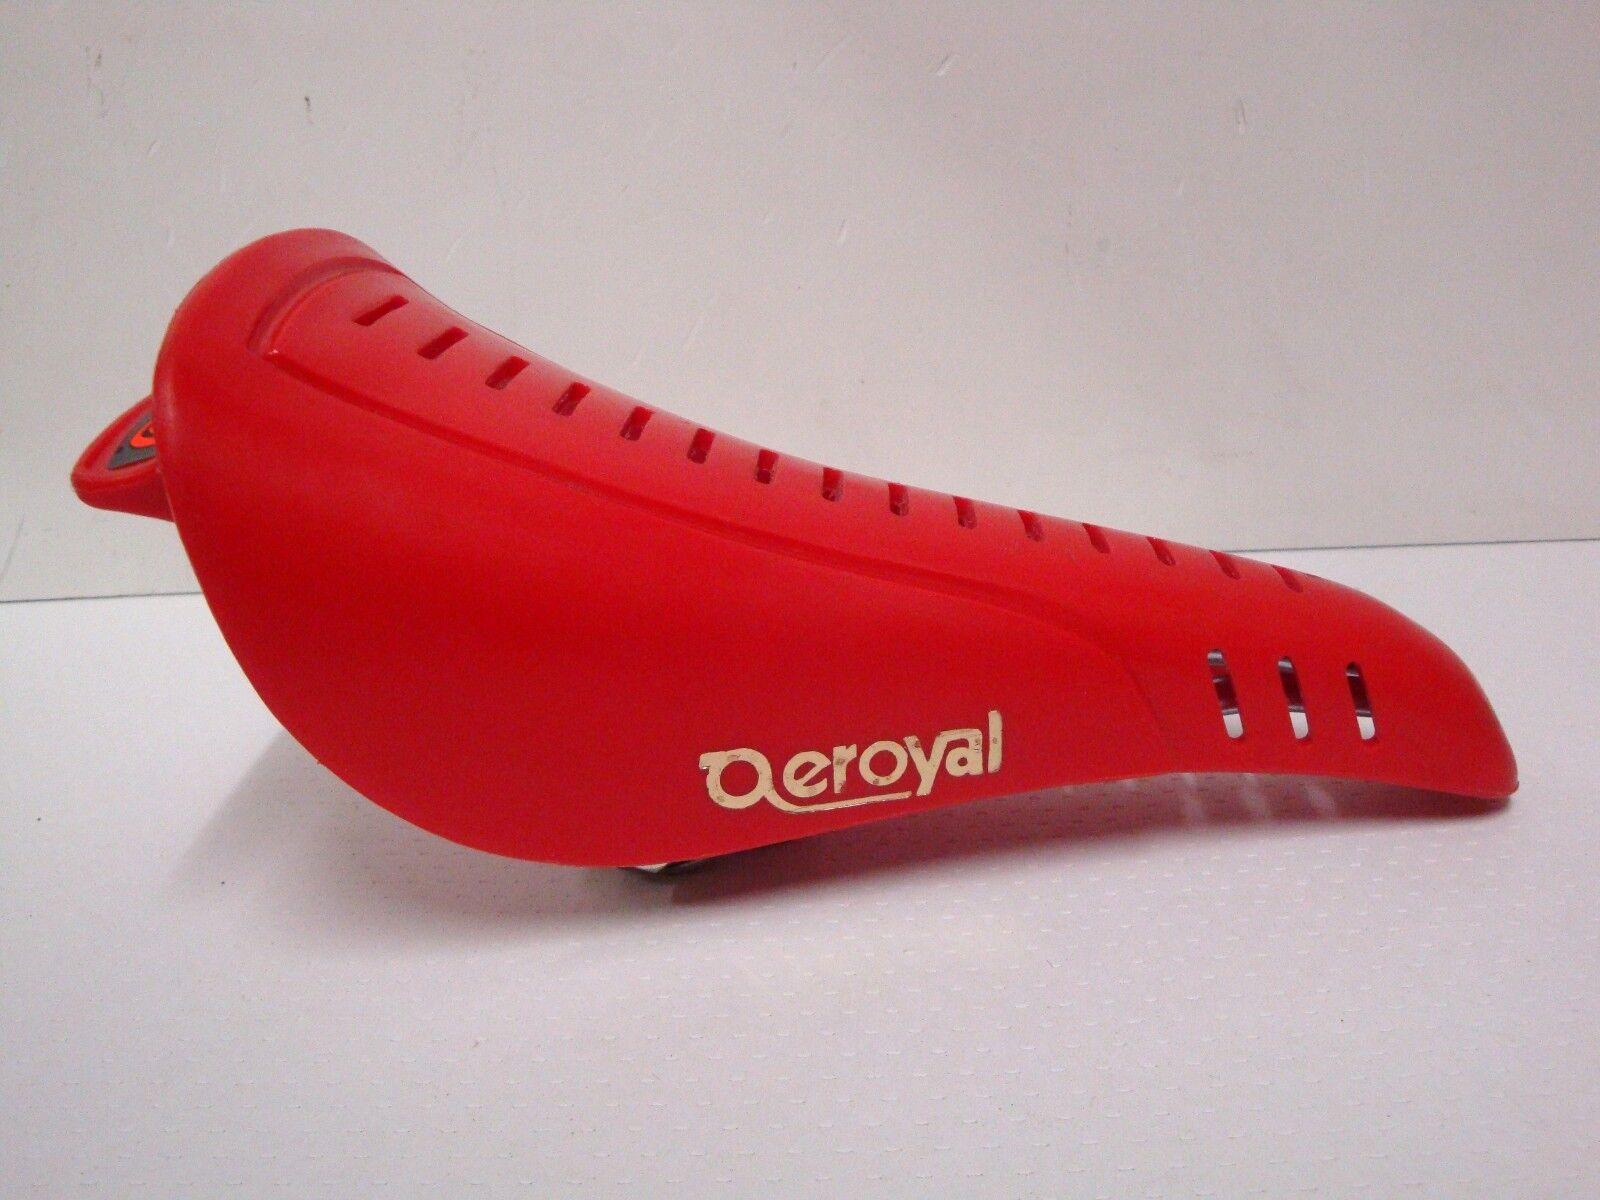 Nos Selle Royal aeroyal Silla Asiento Bmx Rojo 401gr Niño Modelo Hecho En Italia